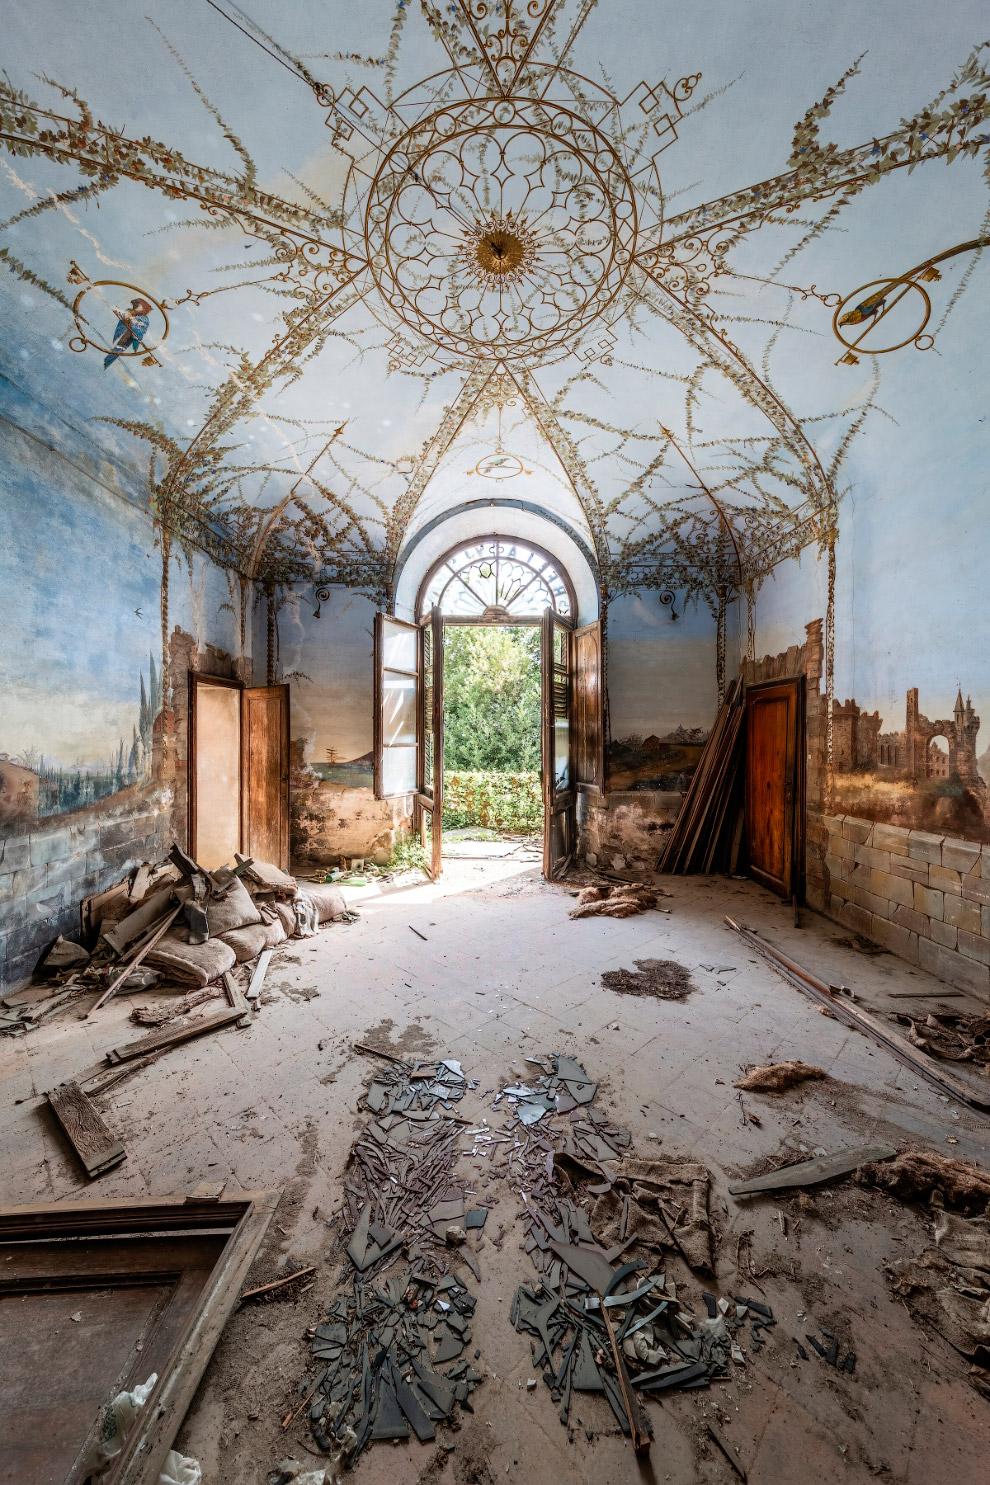 Заброшенная Европа на снимках